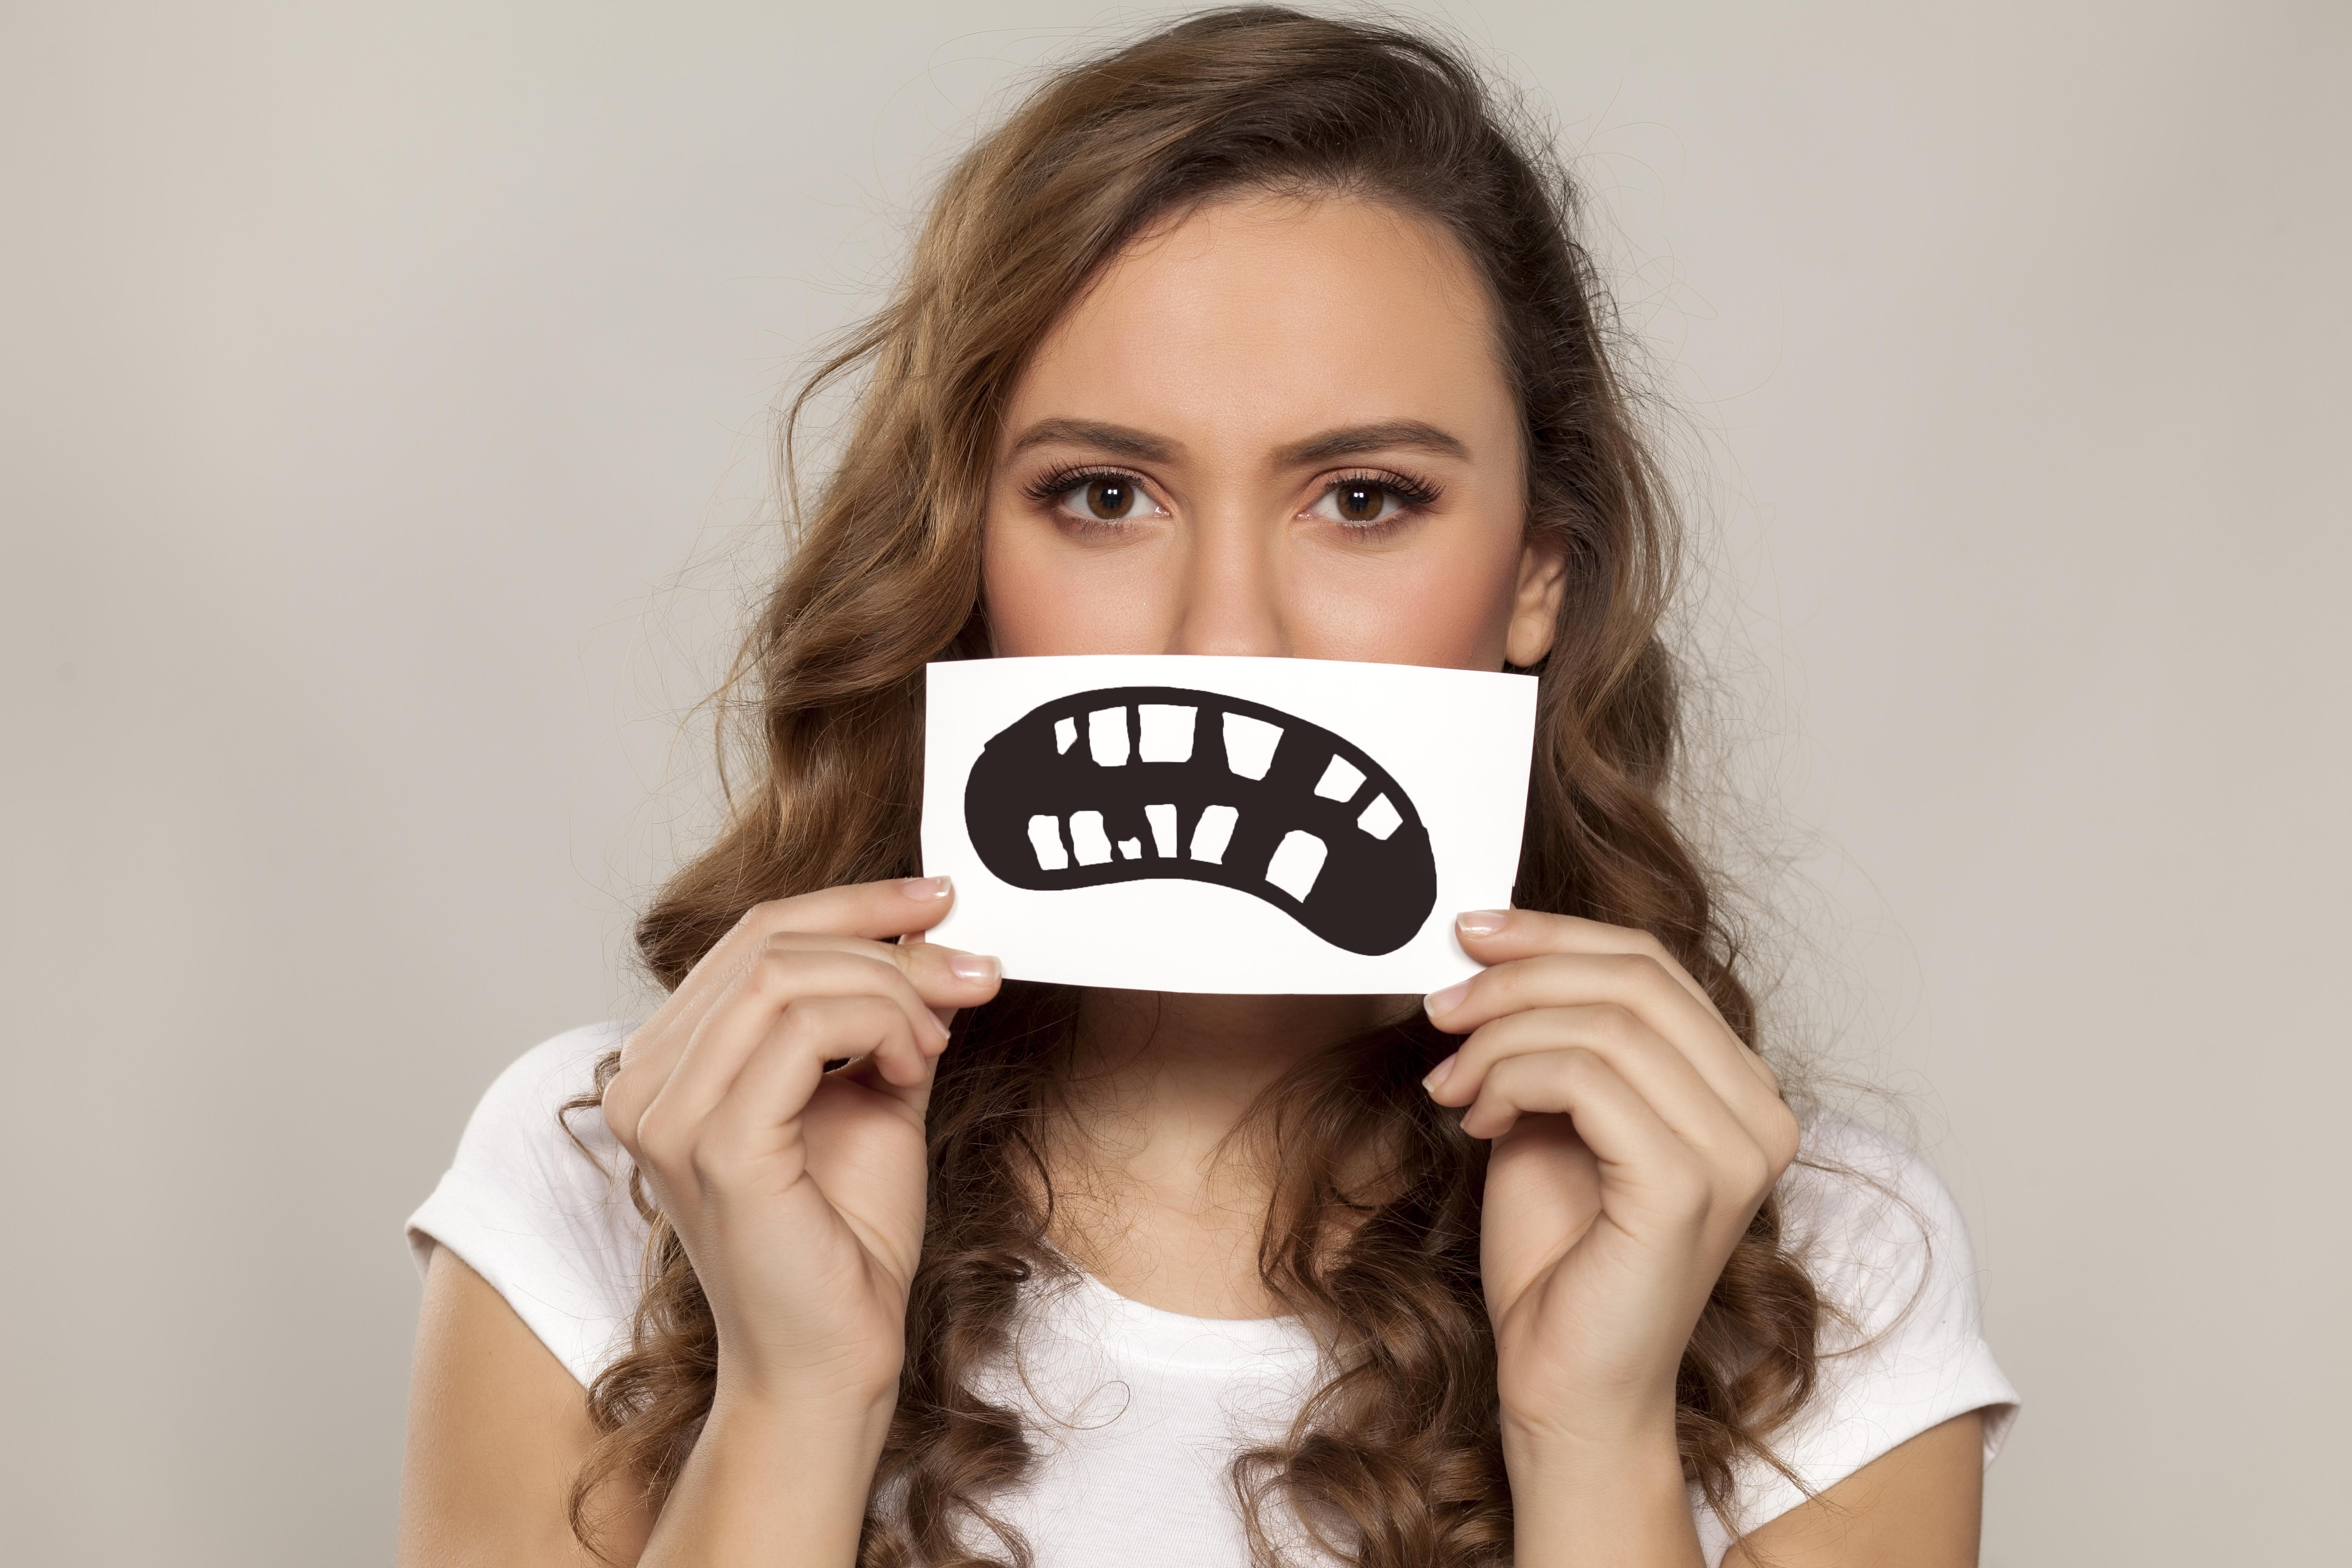 早期接触がおこす歯のトラブルについて知っておきたいこと